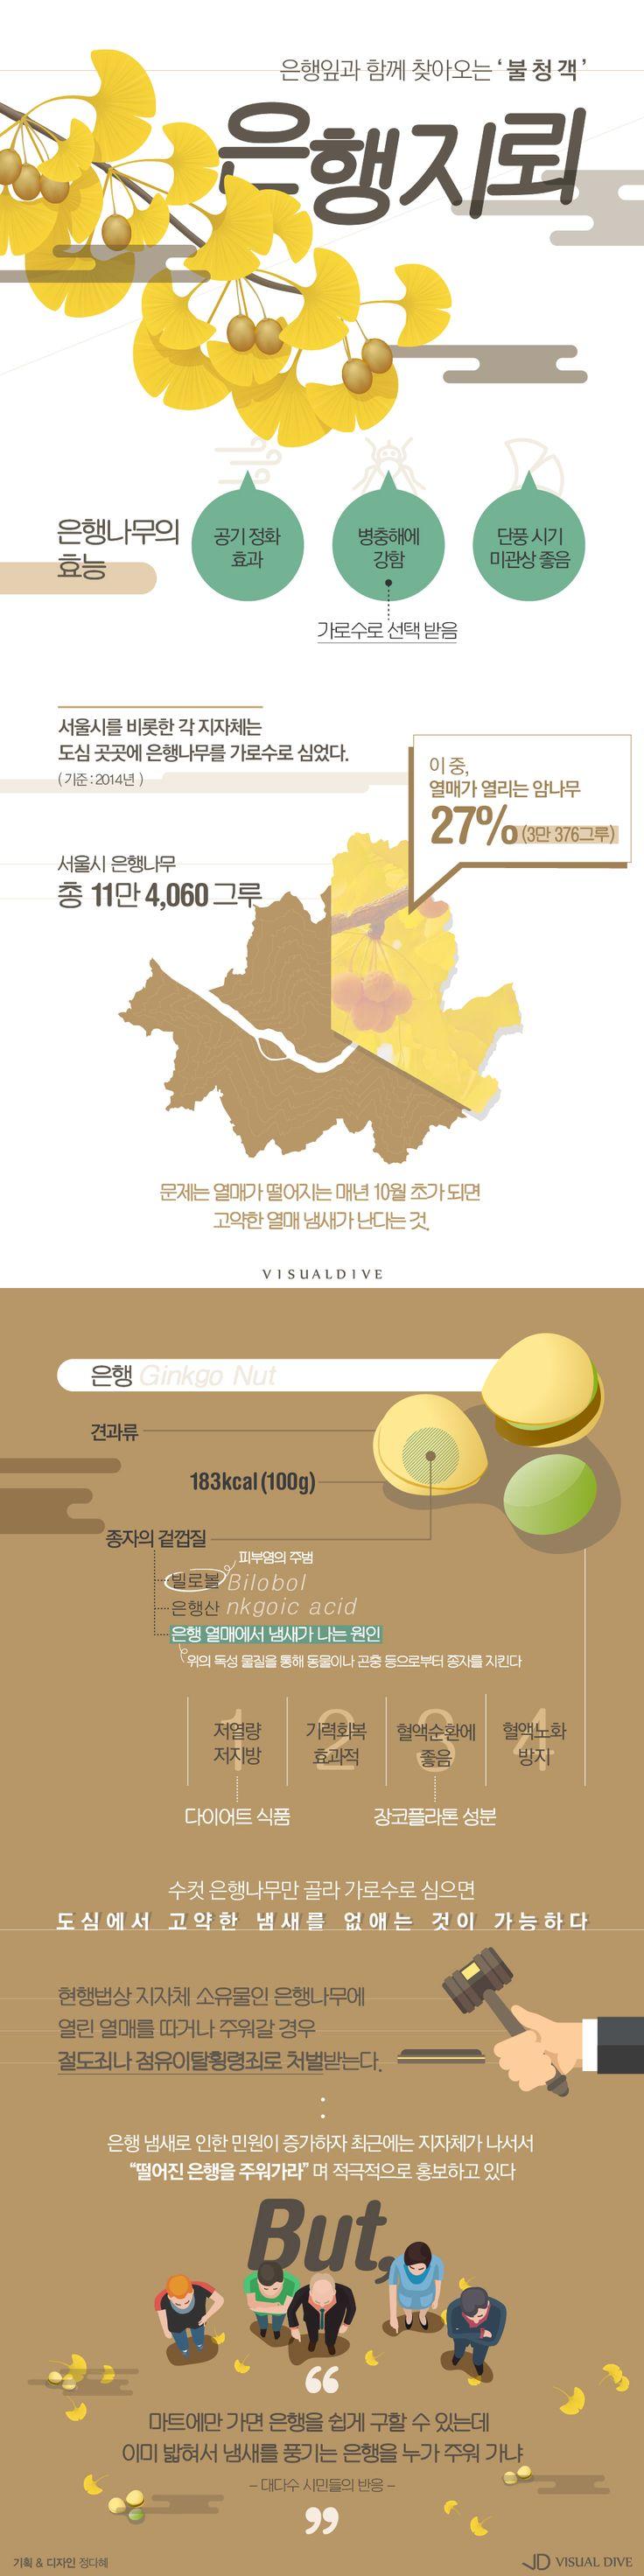 단풍 오는 곳에 악취도 있다? 가을불청객 '은행지뢰' [인포그래픽] #ginkgo / #Infographic ⓒ 비주얼다이브 무단 복사·전재·재배포 금지